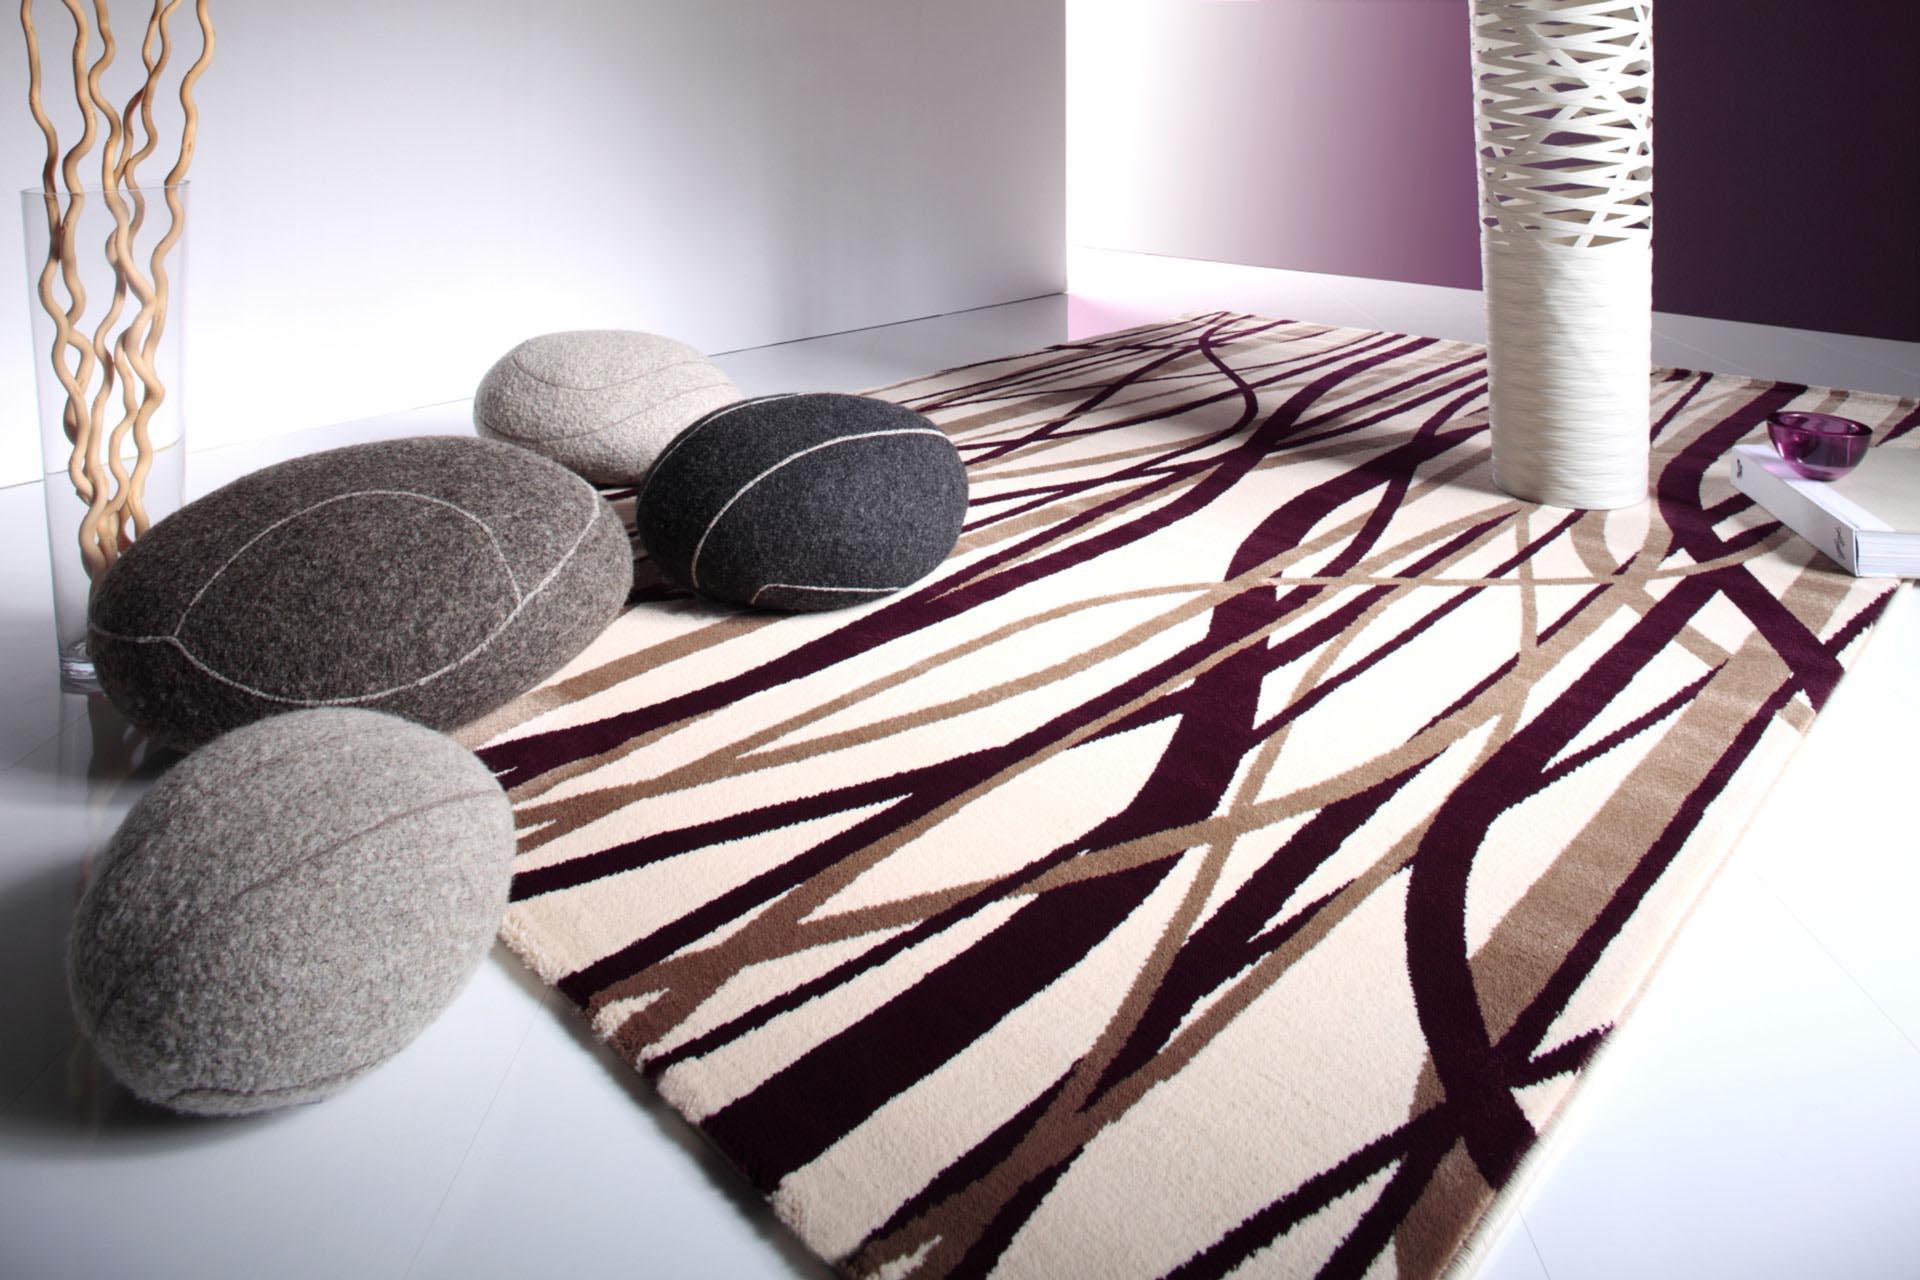 Designer-Golze-Teppich-carpet-floral-Astra-Grass_1314_1971_007900_29d6d